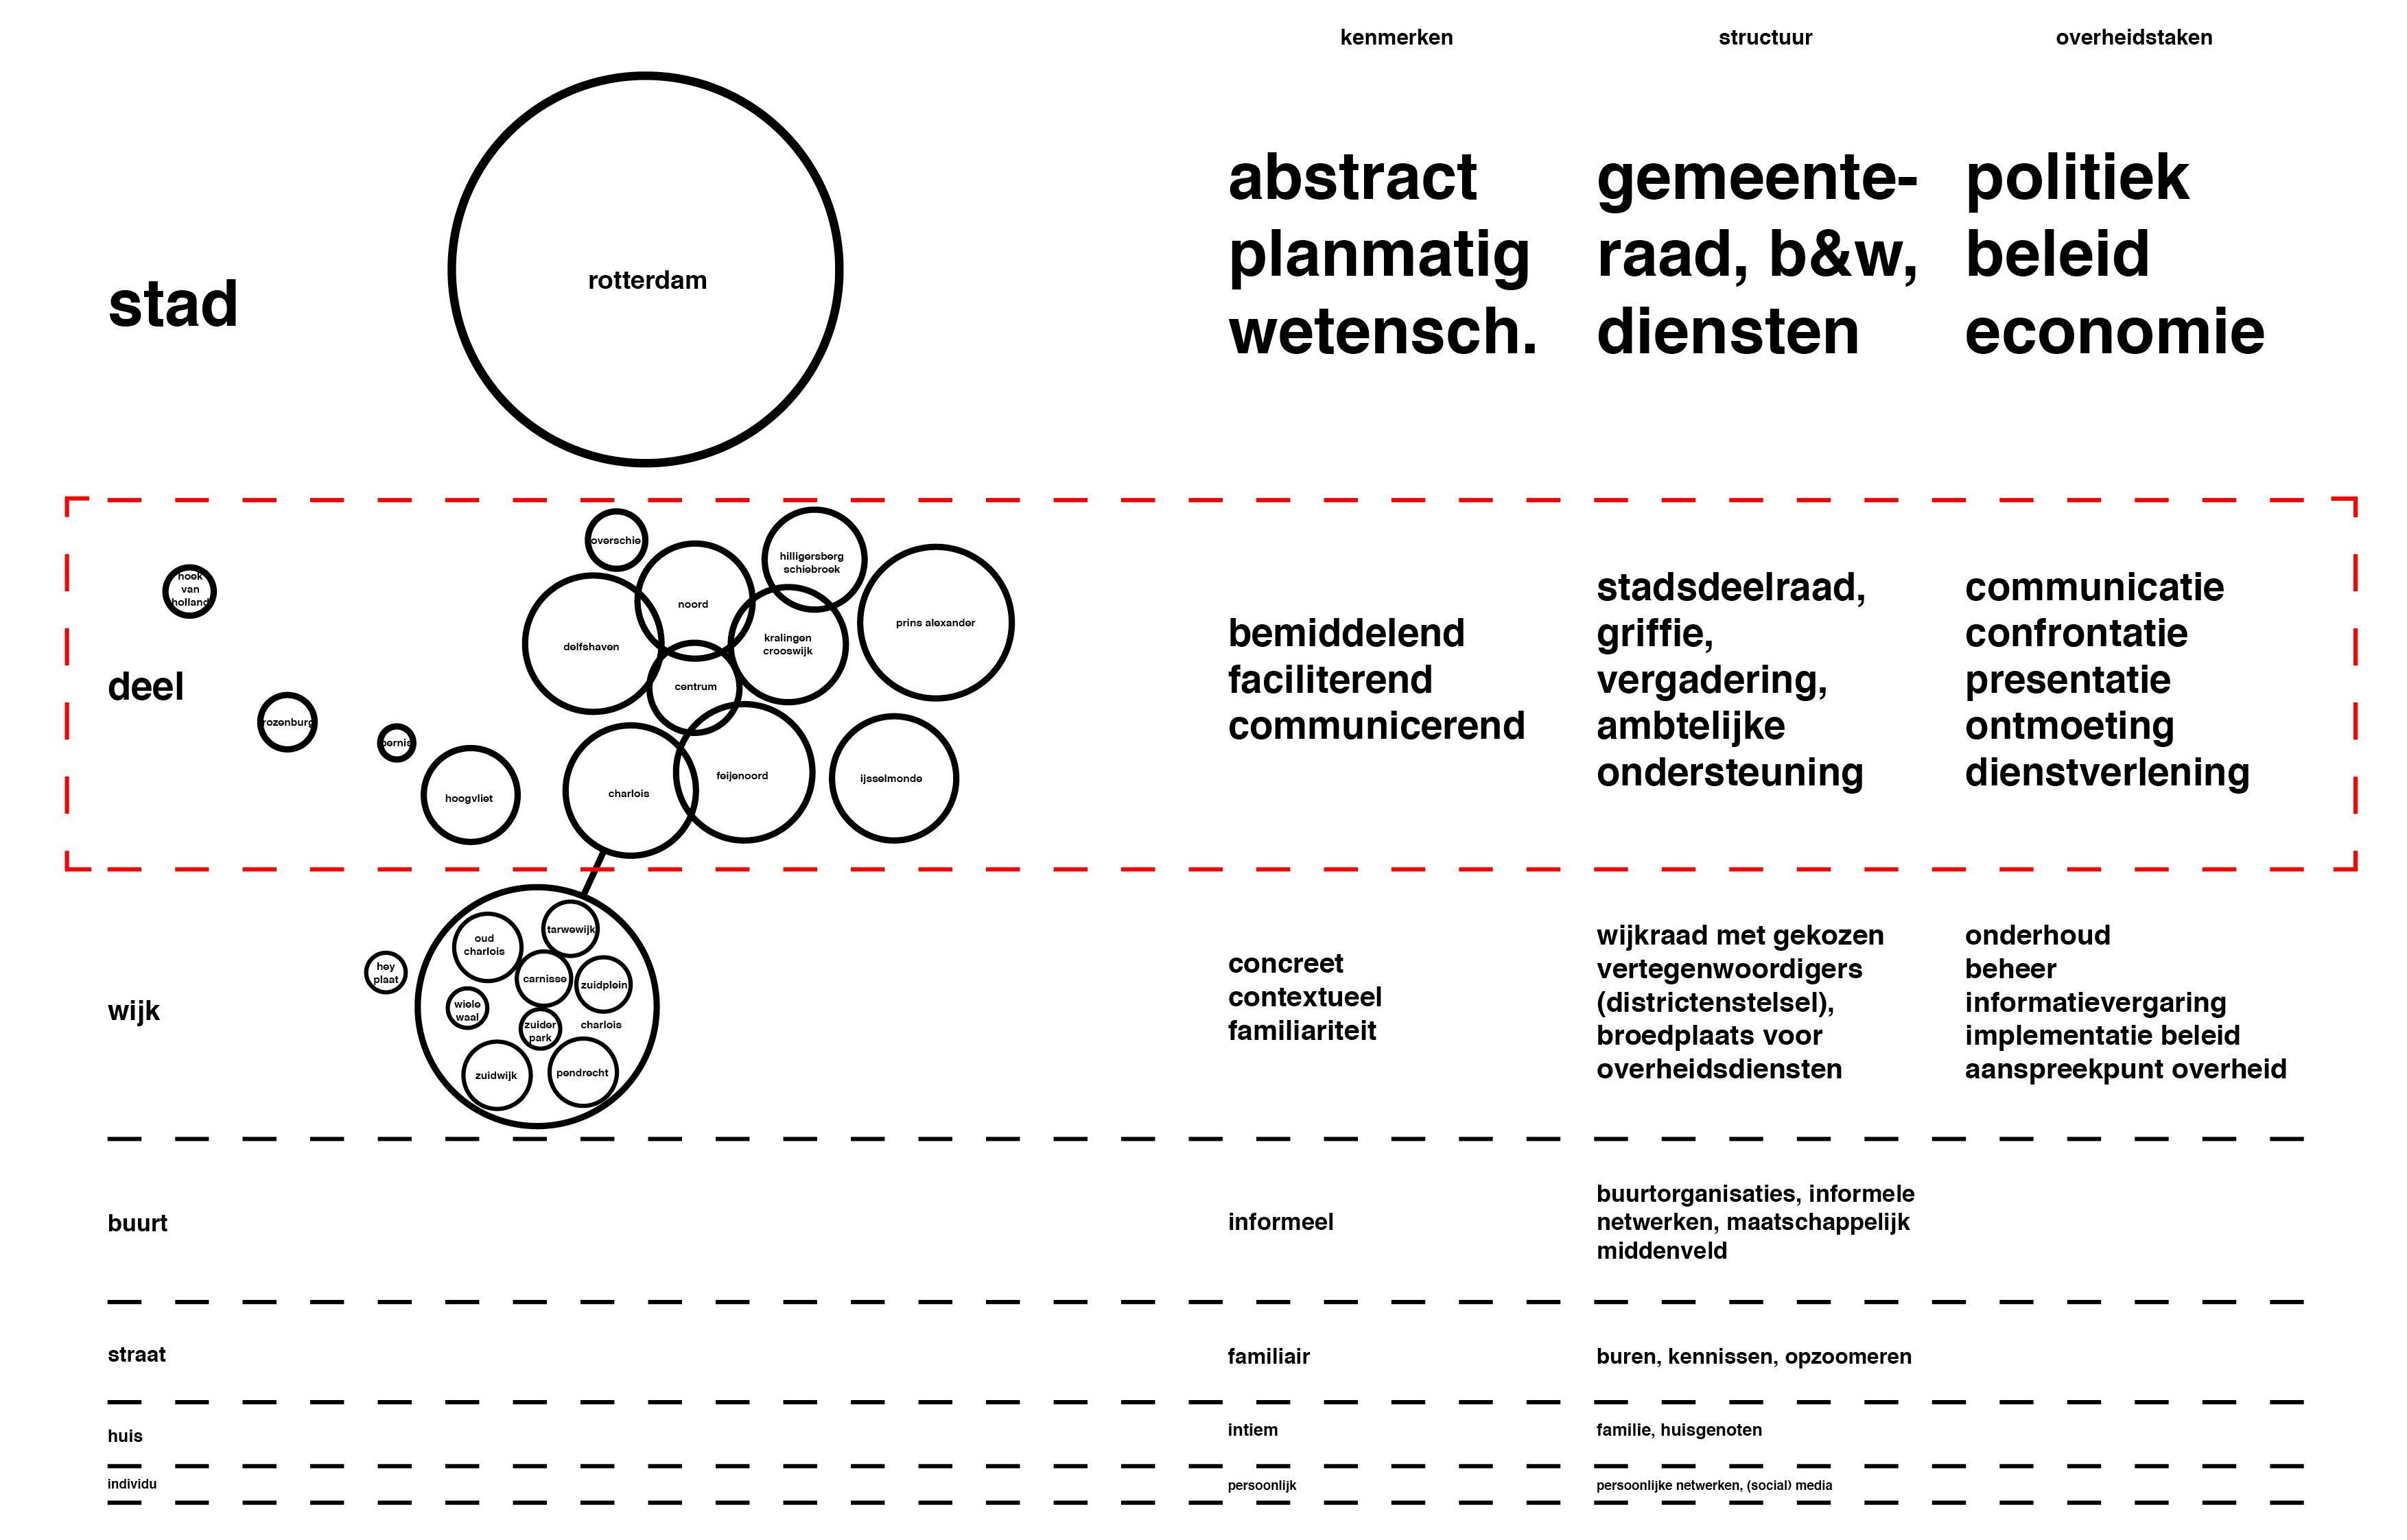 Politieke kenmerken naar schaalniveau - De Politiek van Architectuur | De Architectuur van Politiek